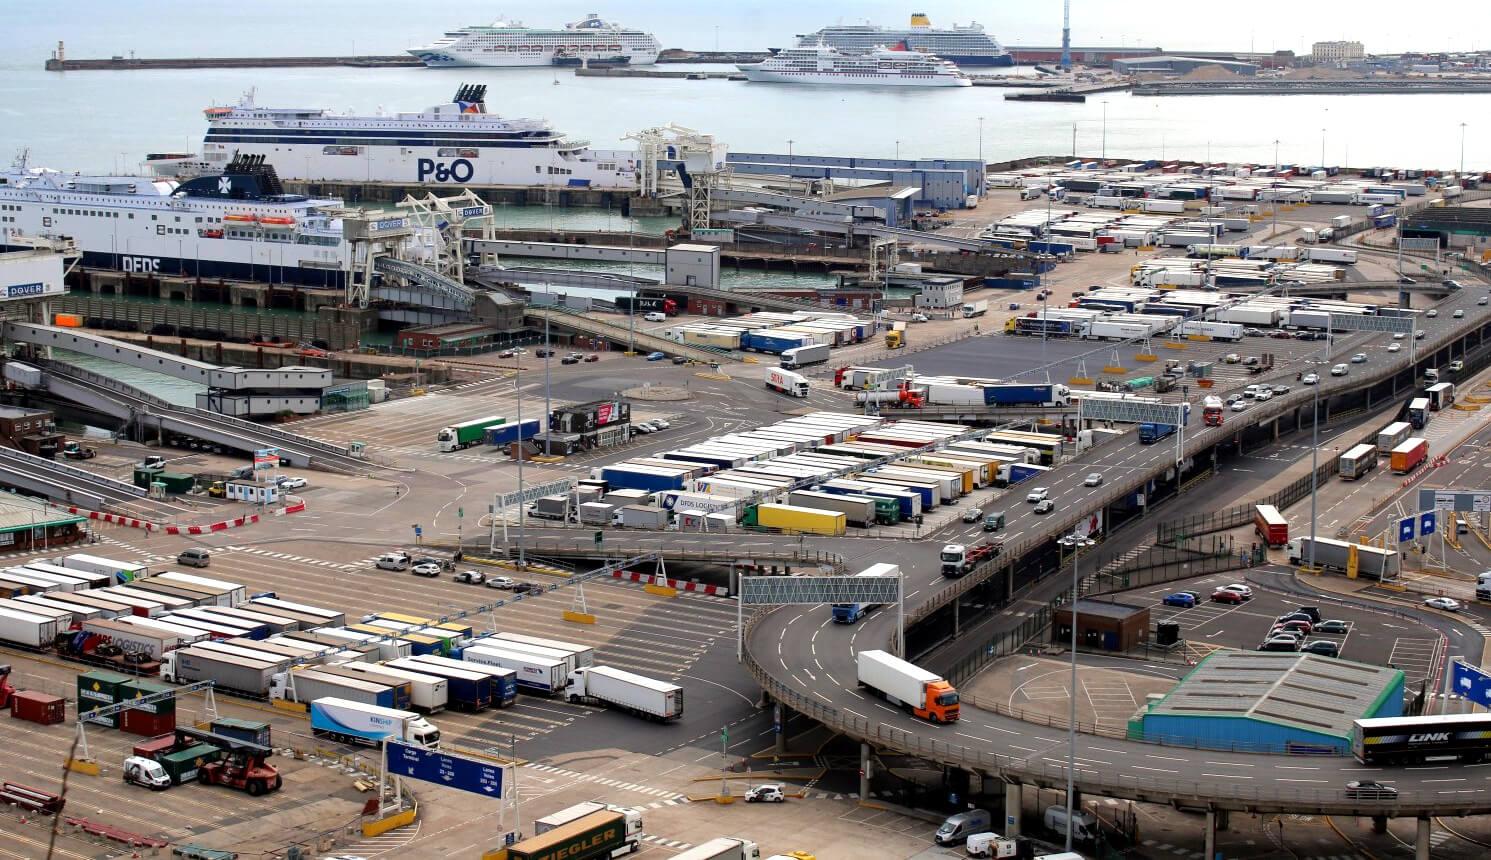 Wielka Brytania boi się kolejek tysięcy ciężarówek po Brexicie. Pomóc mają wewnętrzne punkty celne